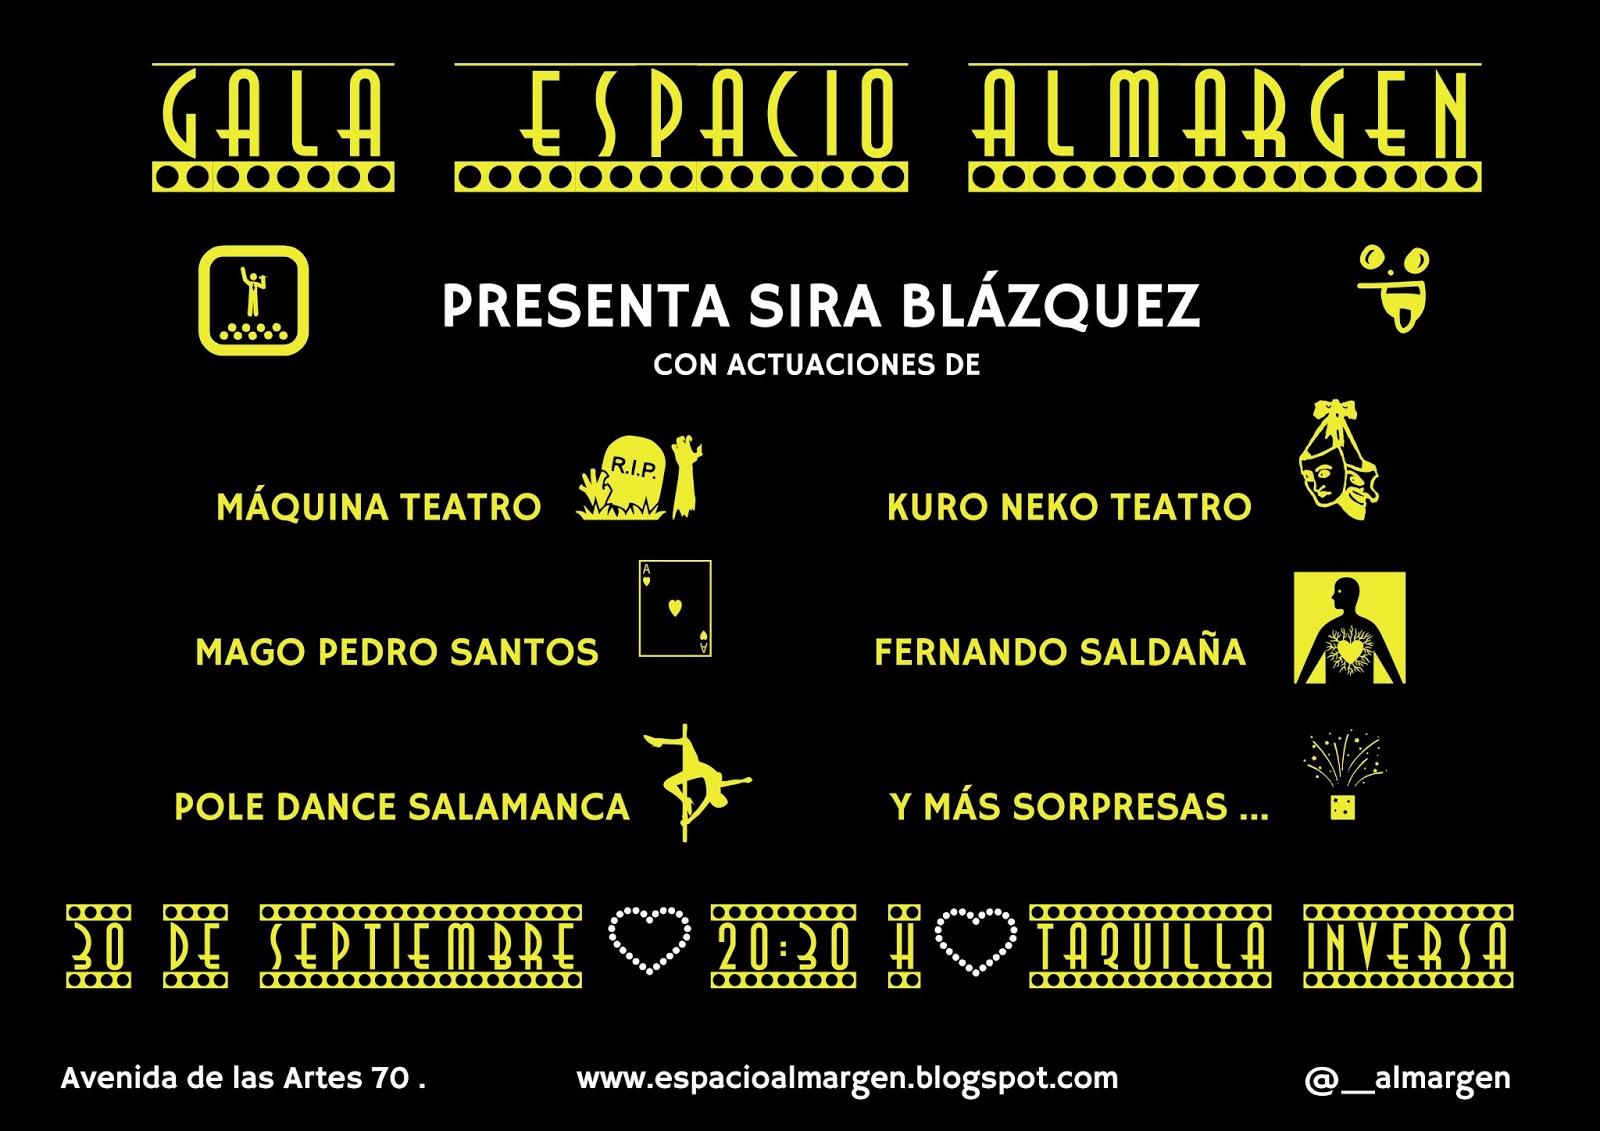 Gala Espacio __Almargen Salamanca Septiembre 2017